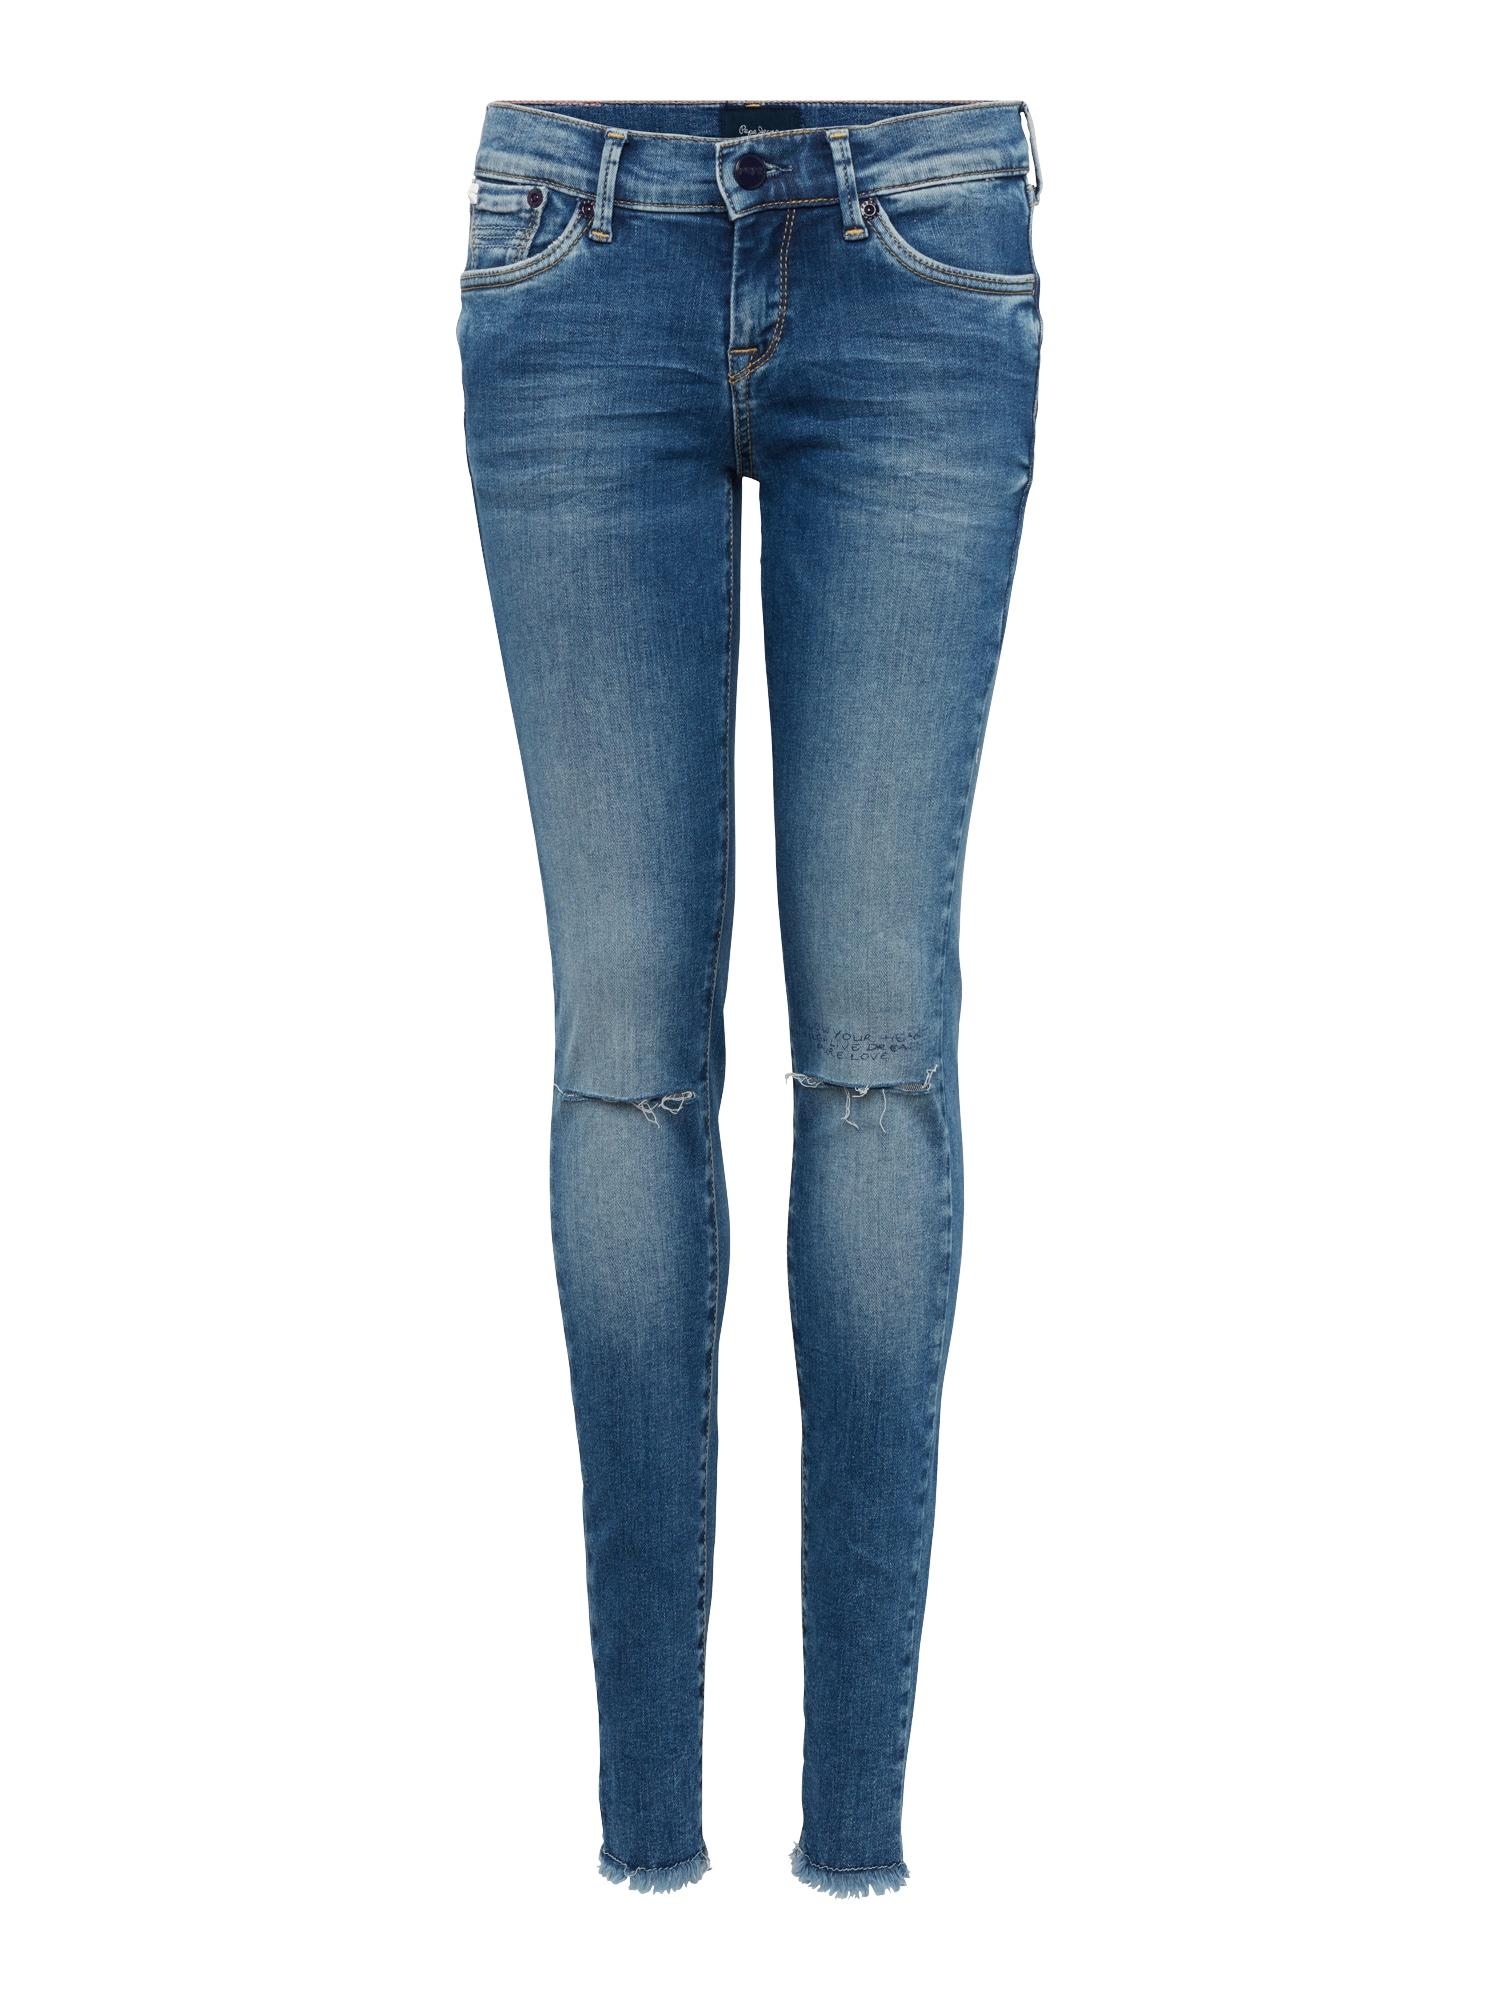 Pepe Jeans Meisjes Jeans SCARLETTE NOTES blauw